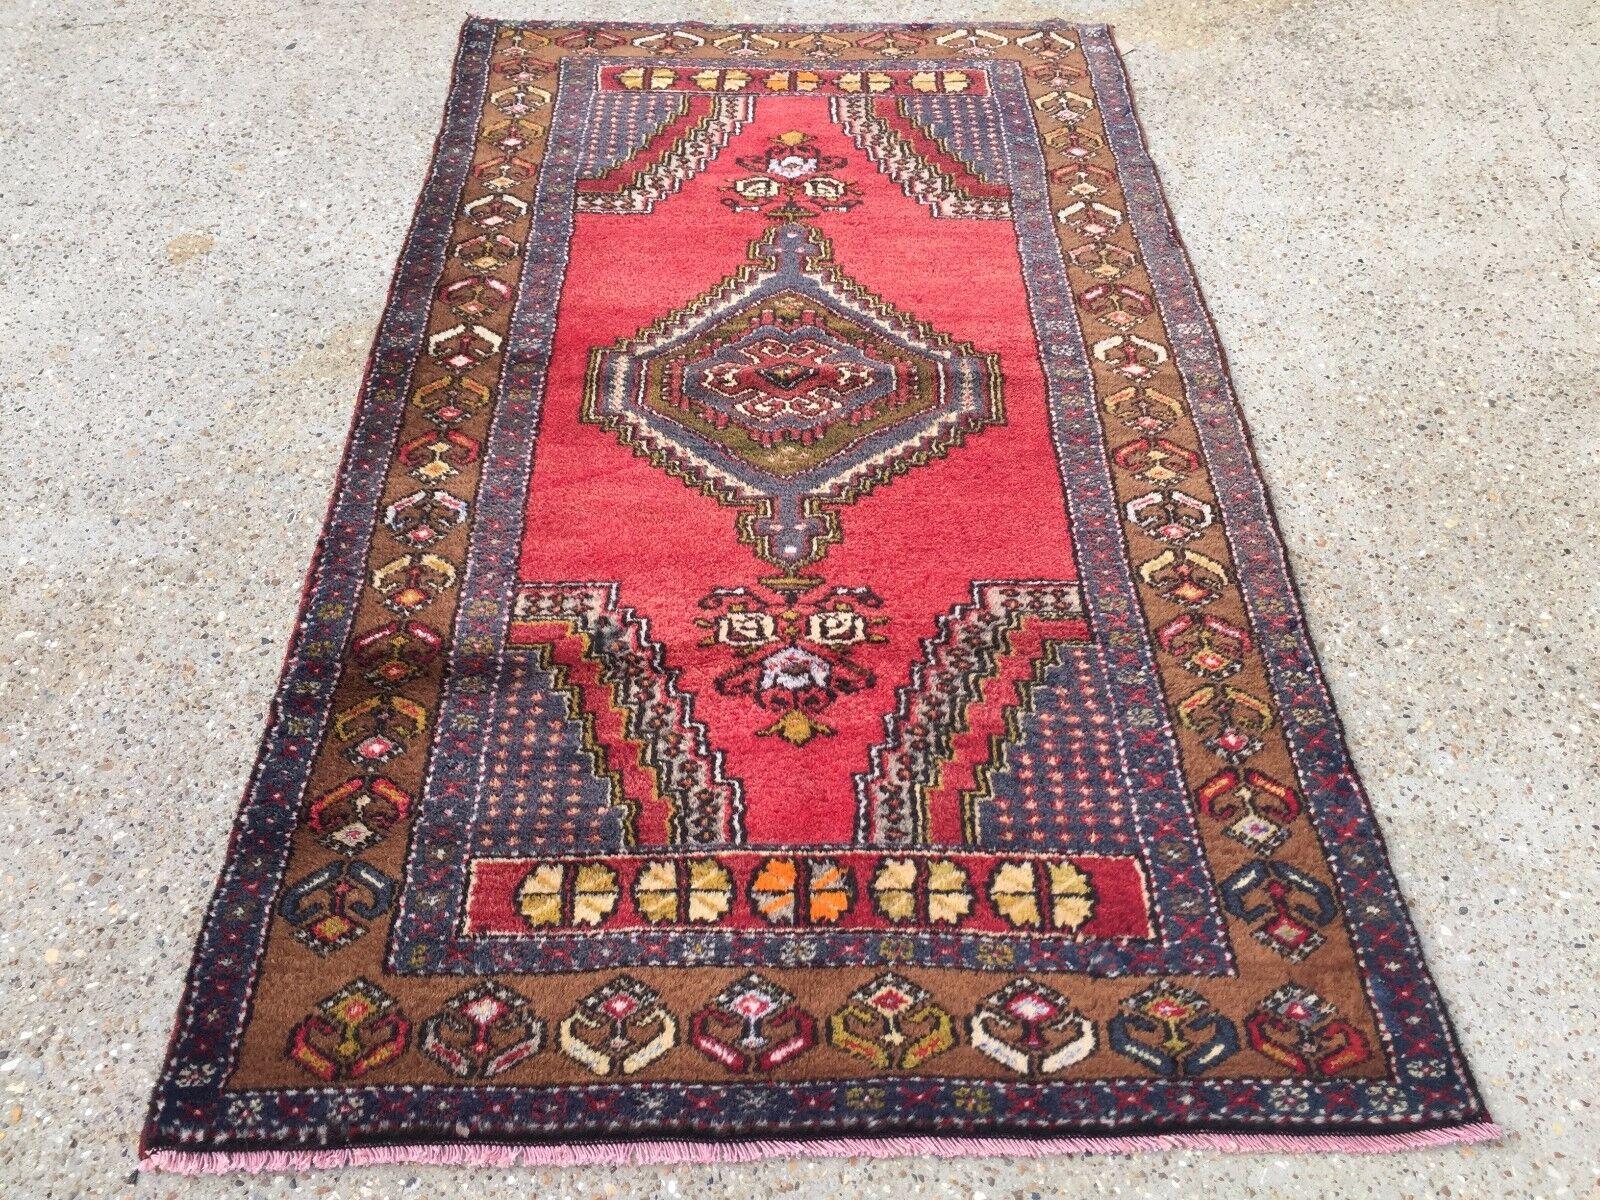 Turco Vintage Alfombra de Oración tinte vegetal 195x112cm persa afgano tribal